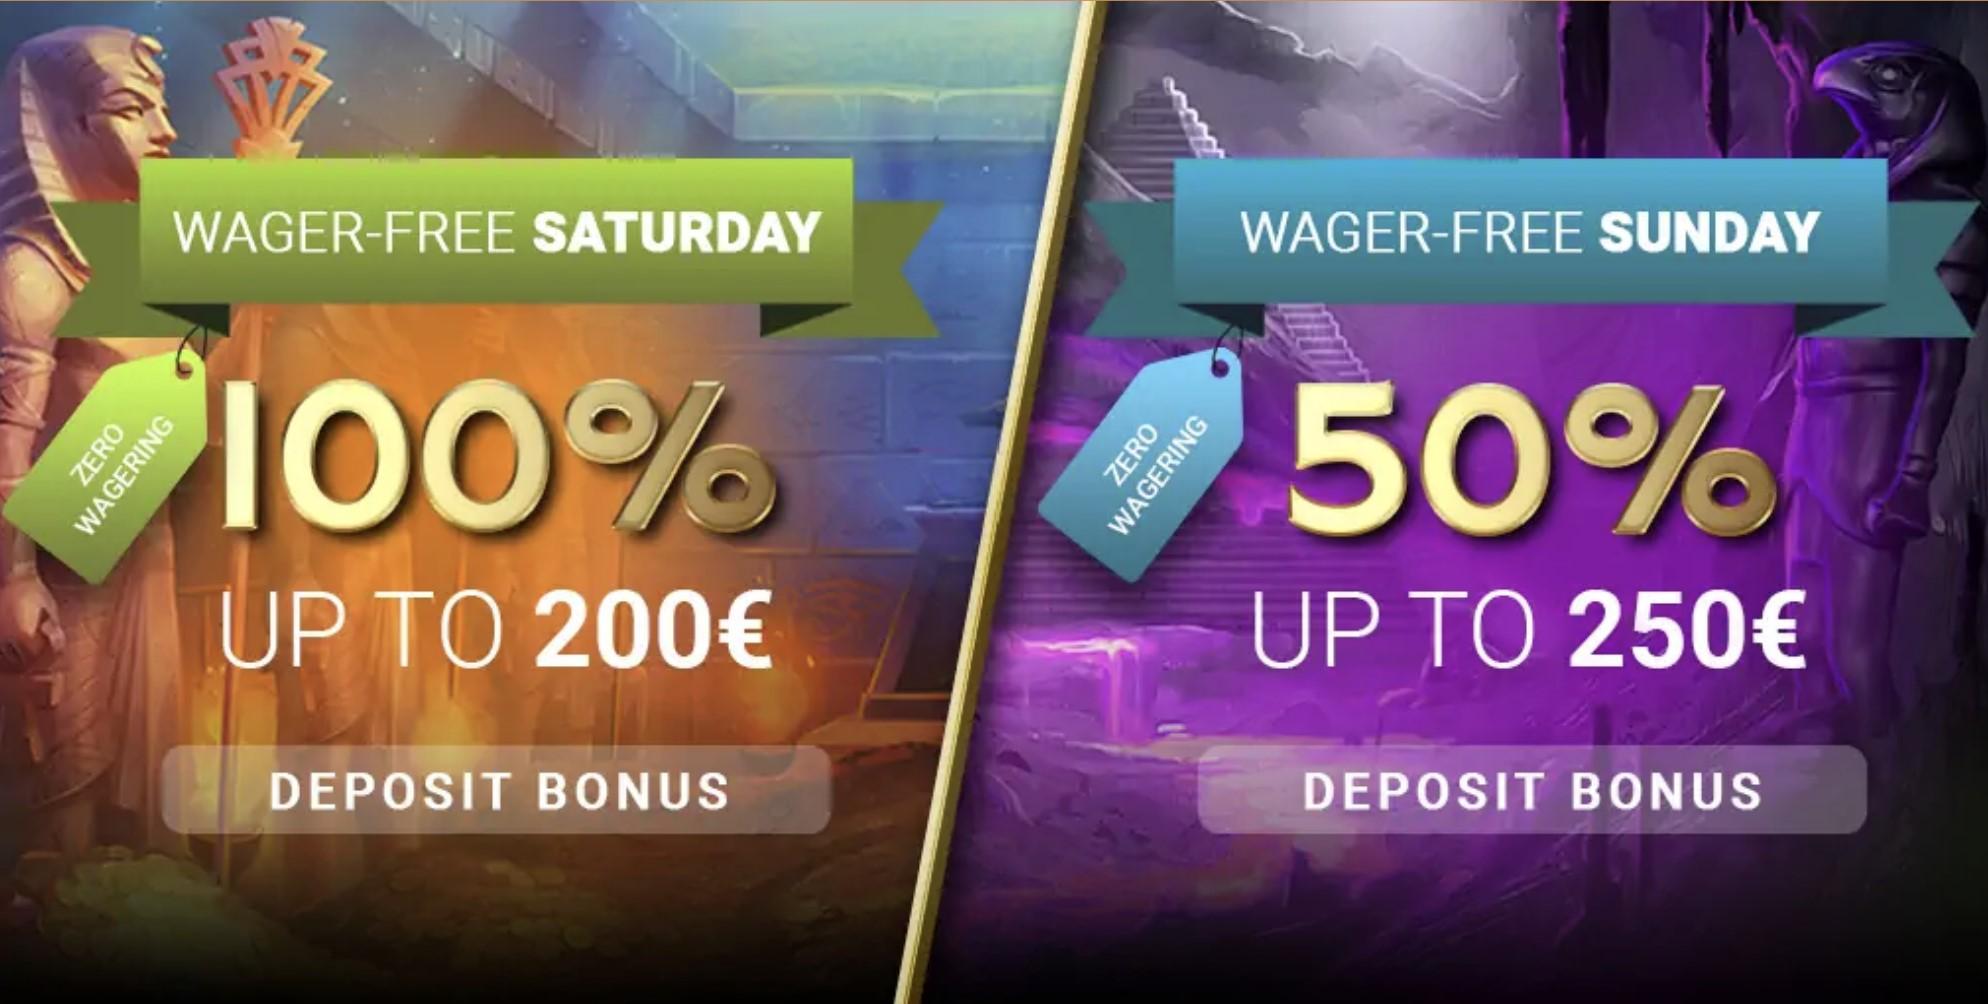 horus casino weekend bonus papildymo premija savaitgaliais